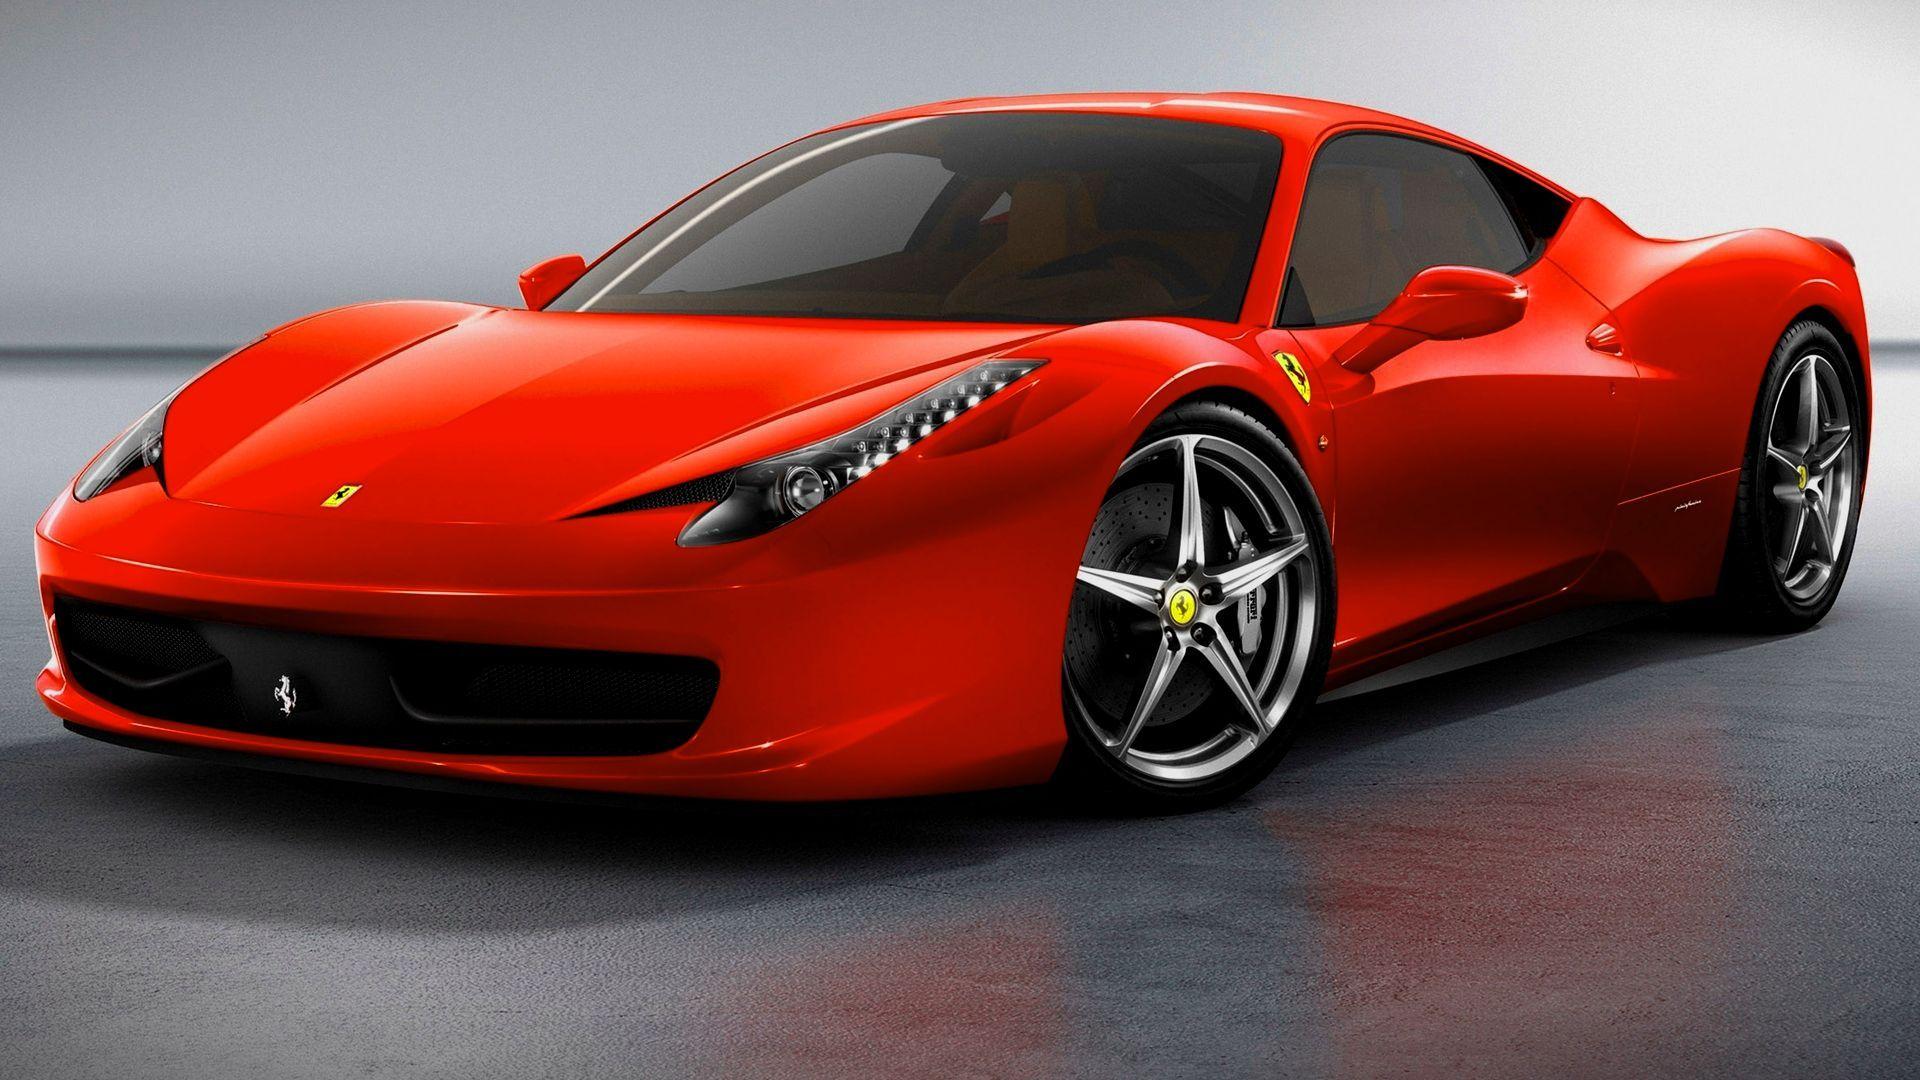 Ferrari 458 Italia Wallpaper Hd Dengan Gambar Ferrari 458